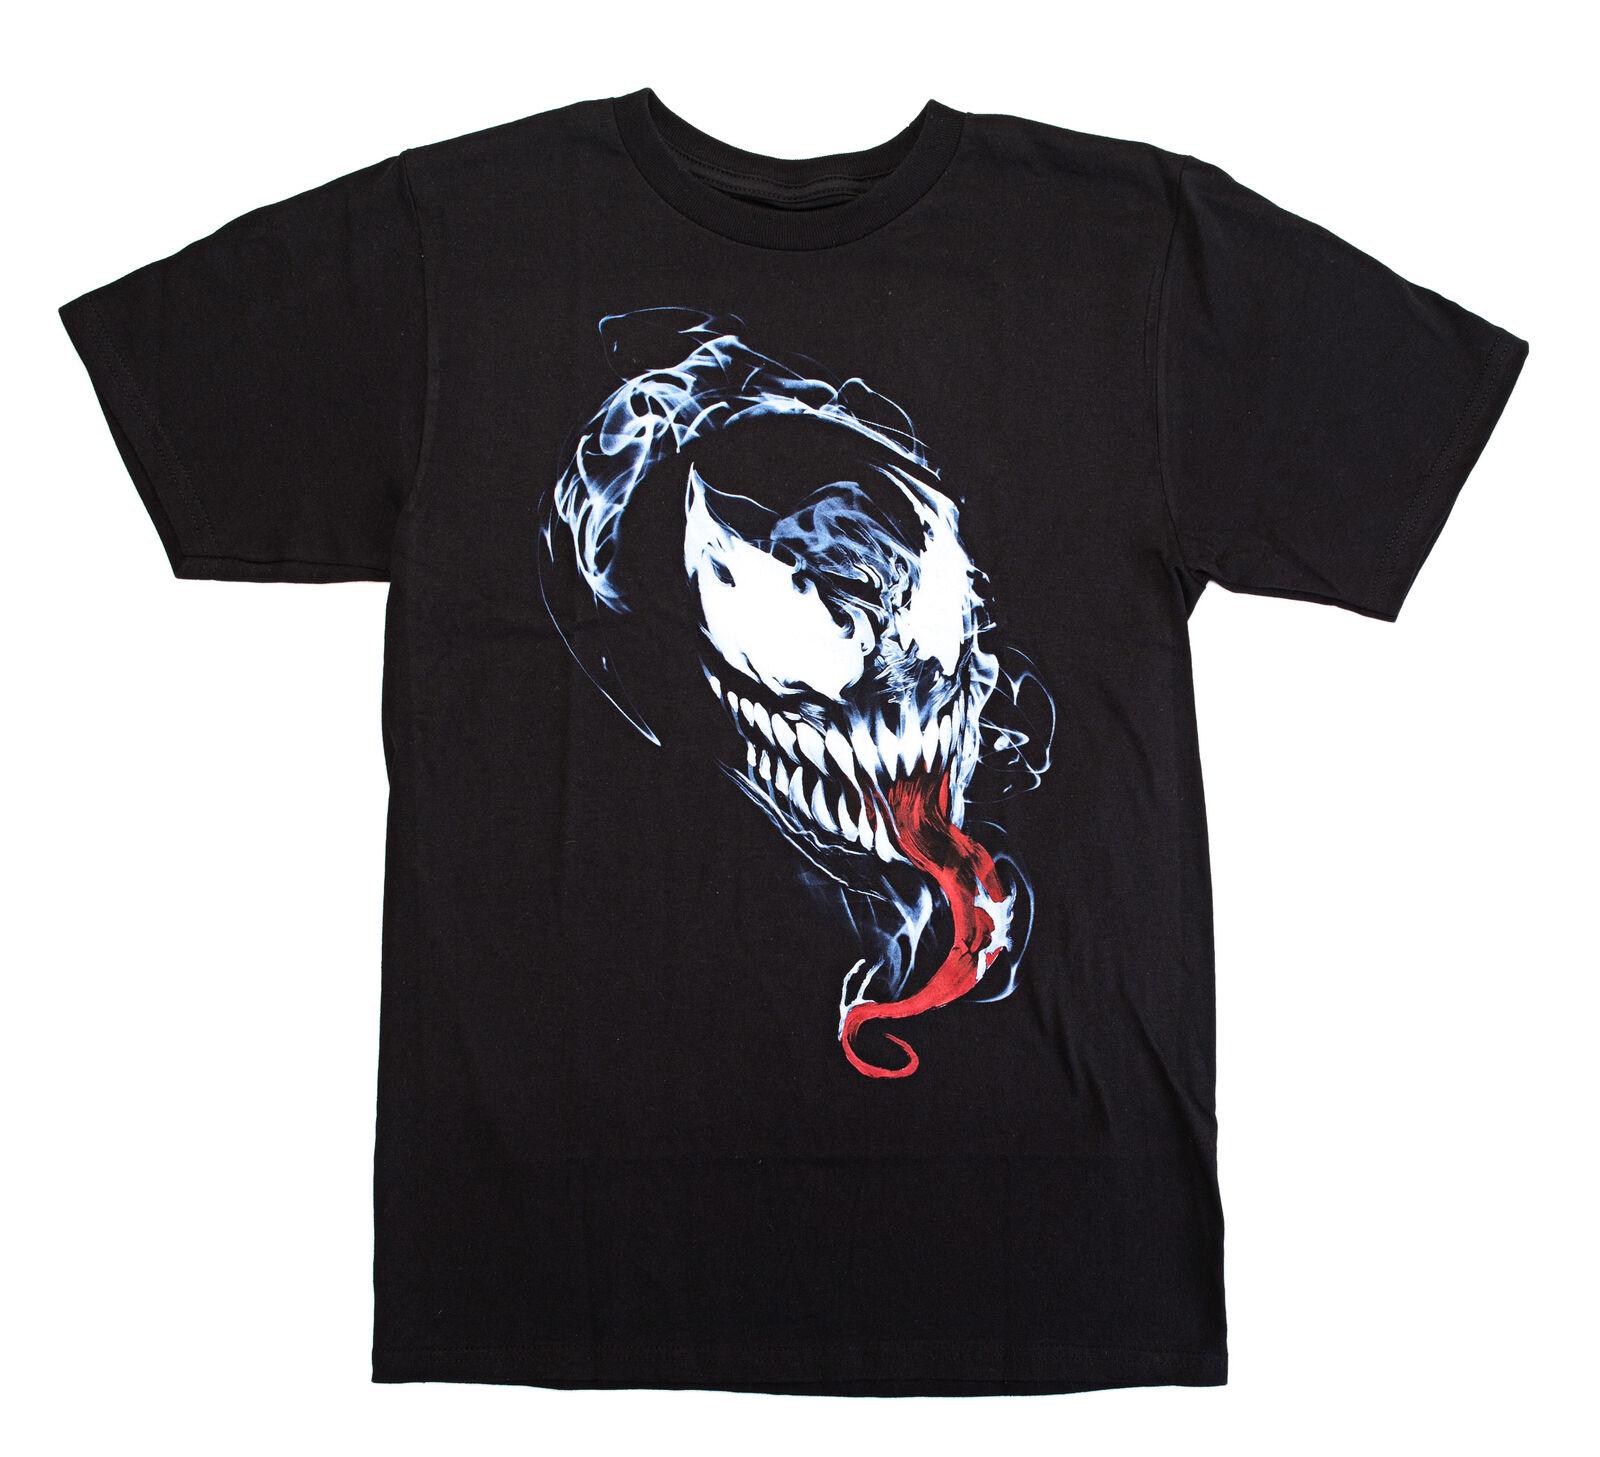 Marvel Venom Smokey Smokey Smokey Mask Graphic T-Shirt 064410